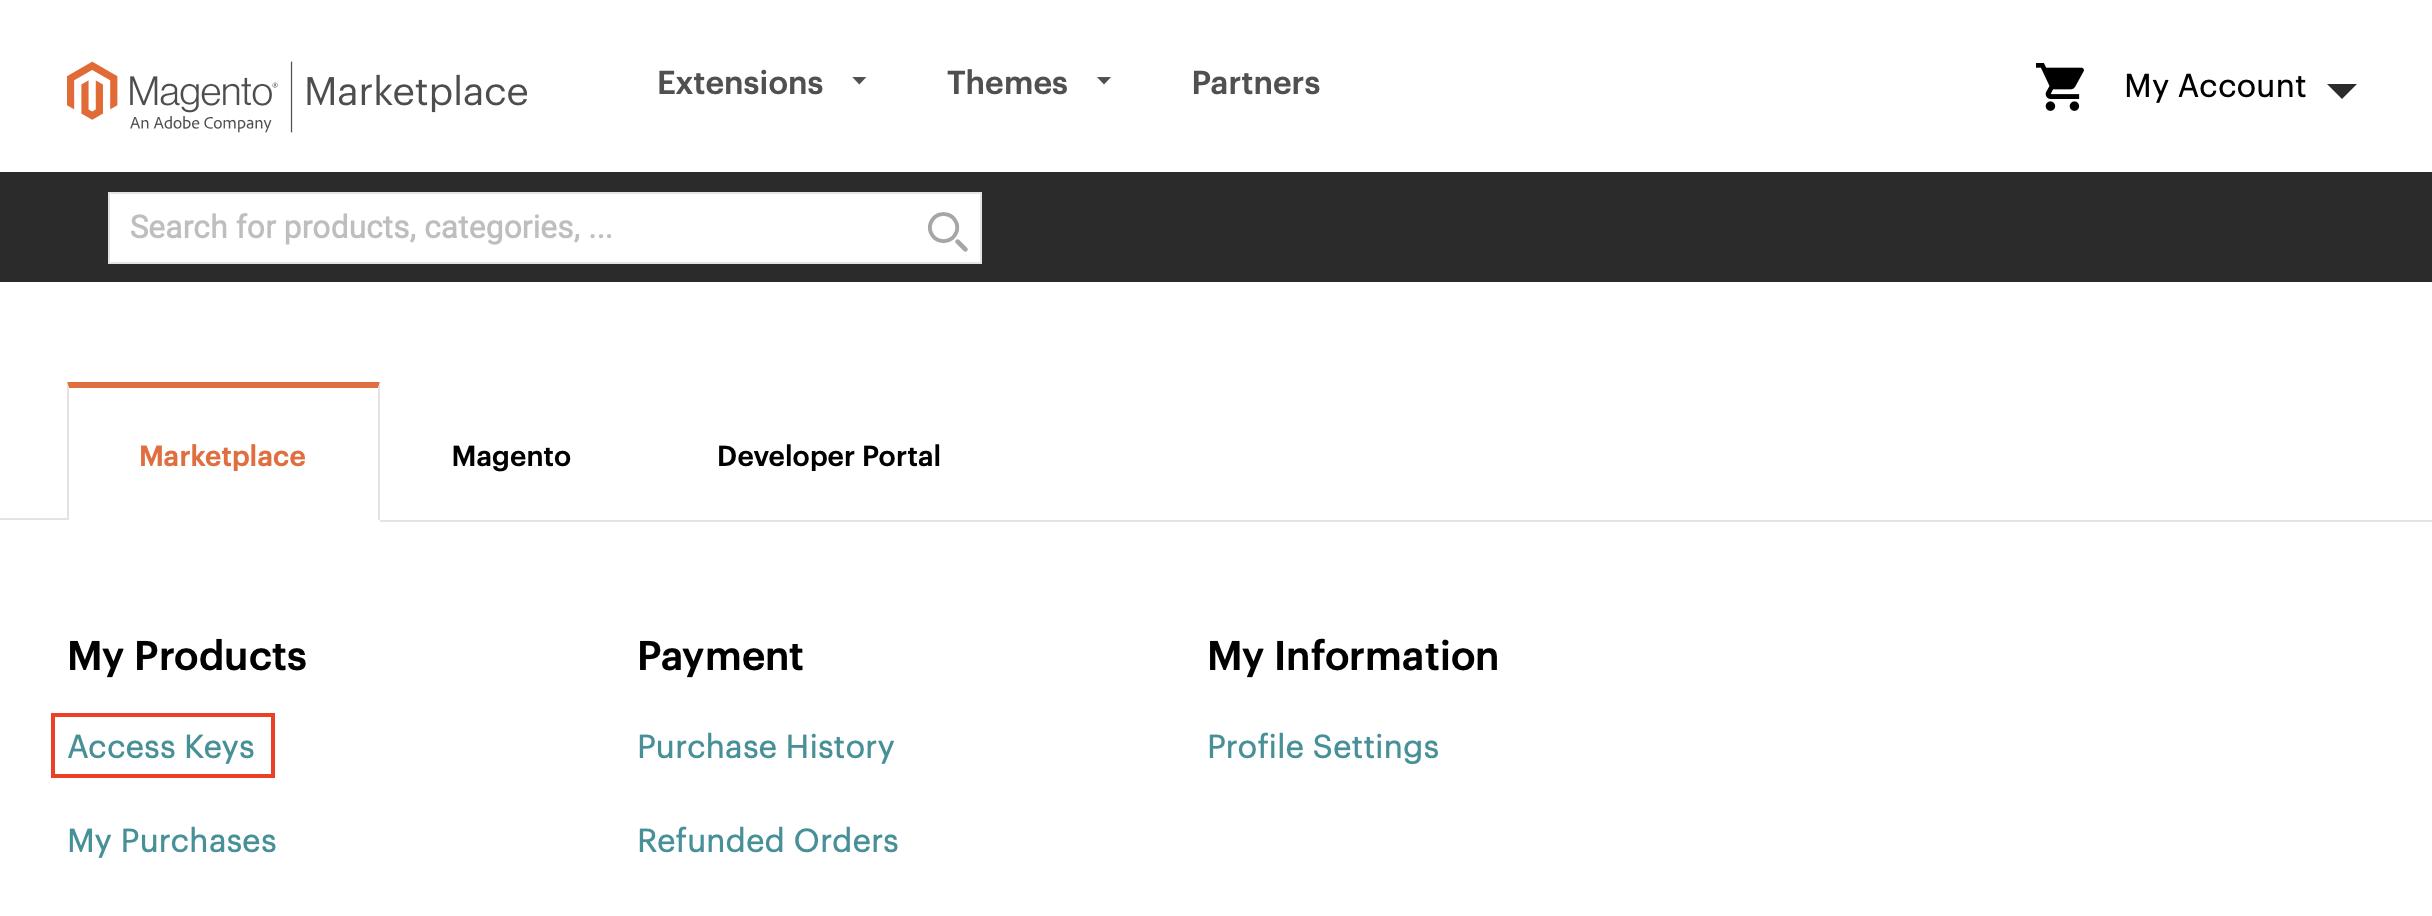 Magento Marketplace Account: Access Keys